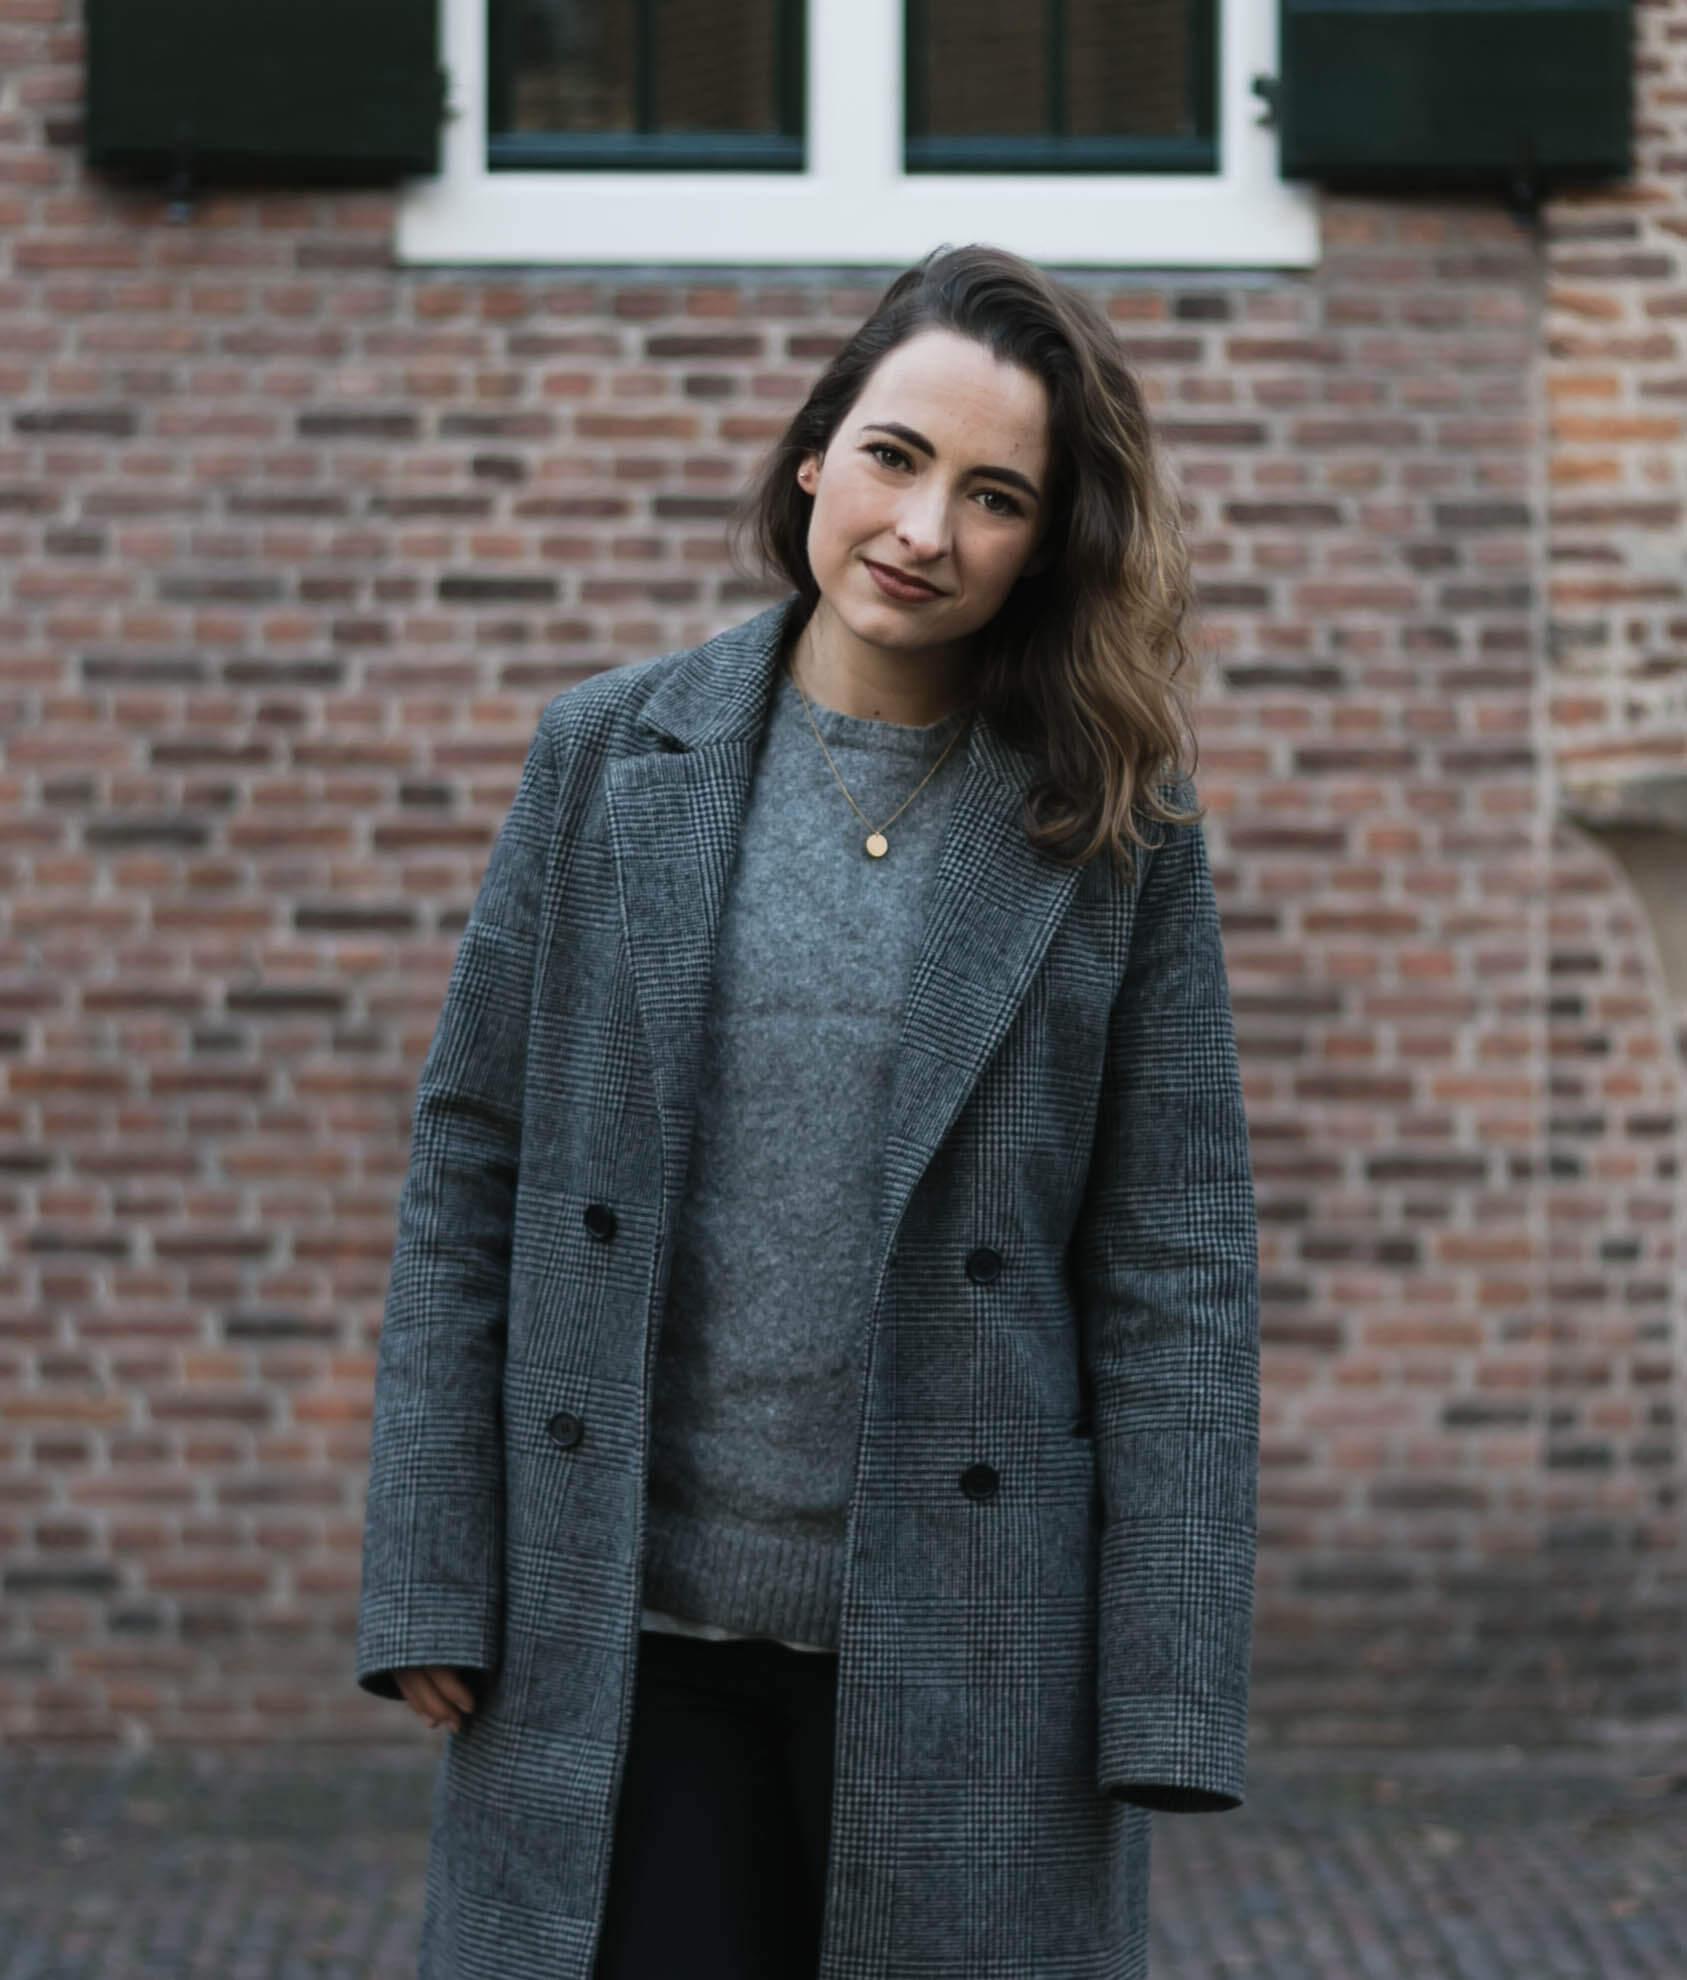 Mijn outfit met geruite jas en glitterschoenen